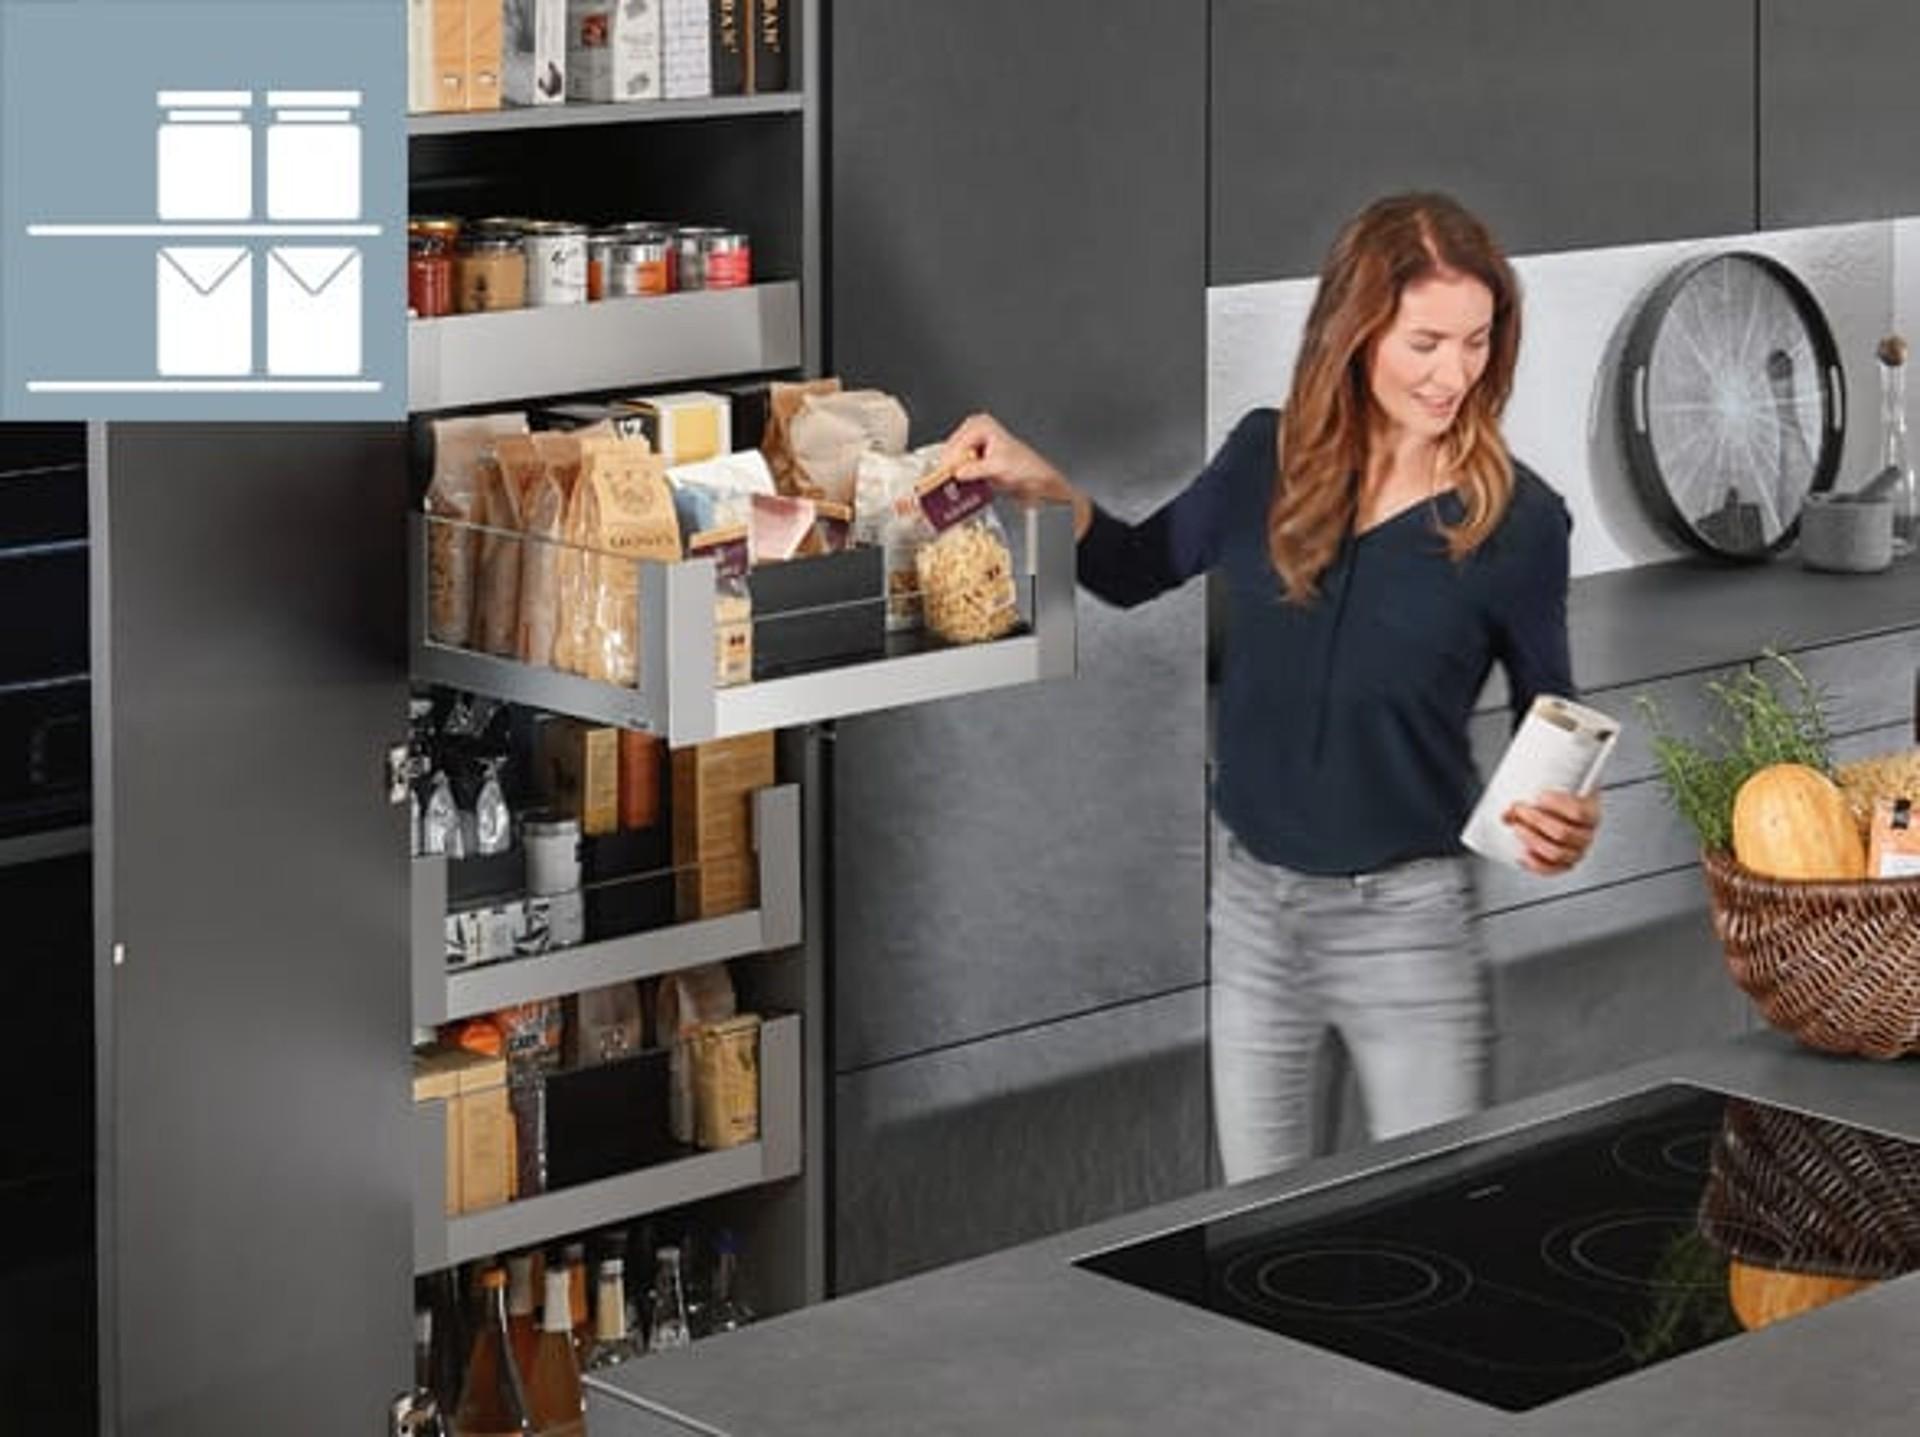 Keuken Opbergen Organizers : Ideeën voor praktische keukens blum